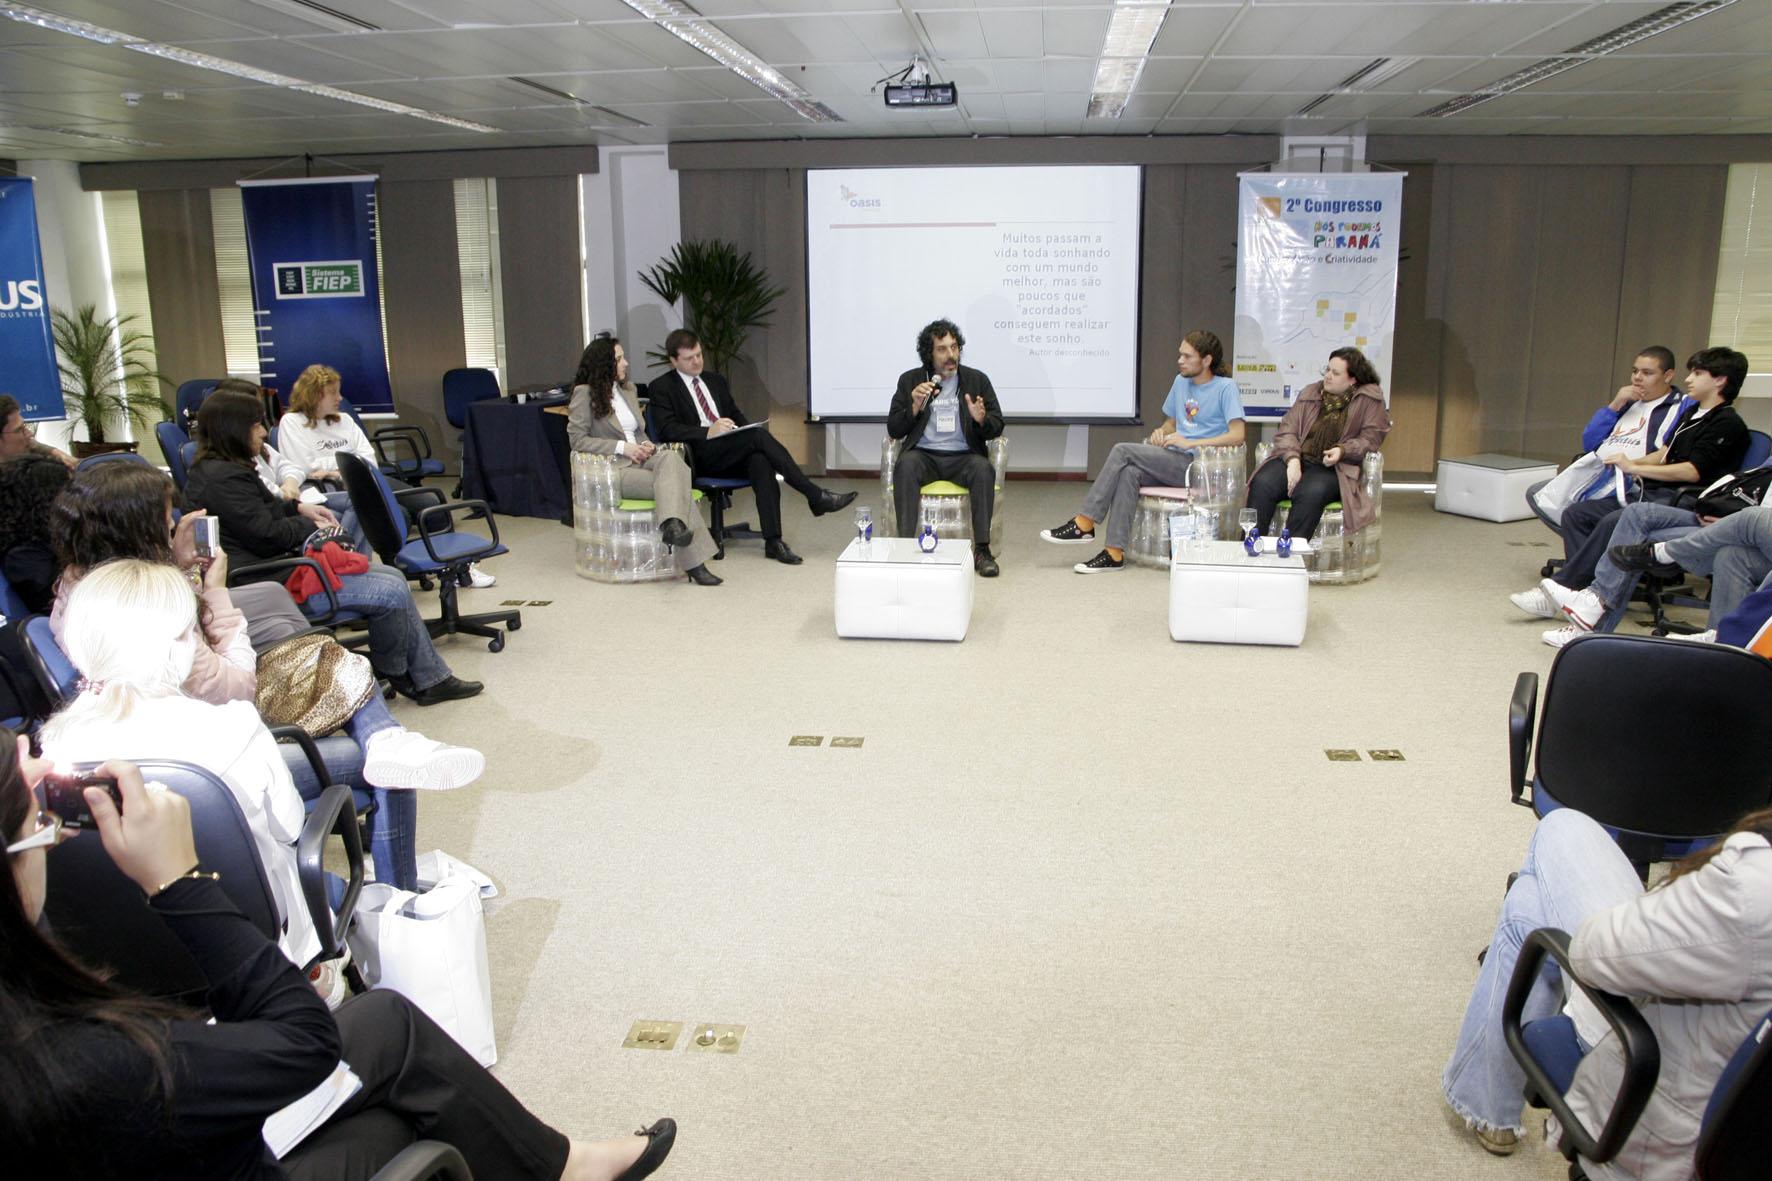 2º Congresso Nós Podemos Paraná - 3º dia